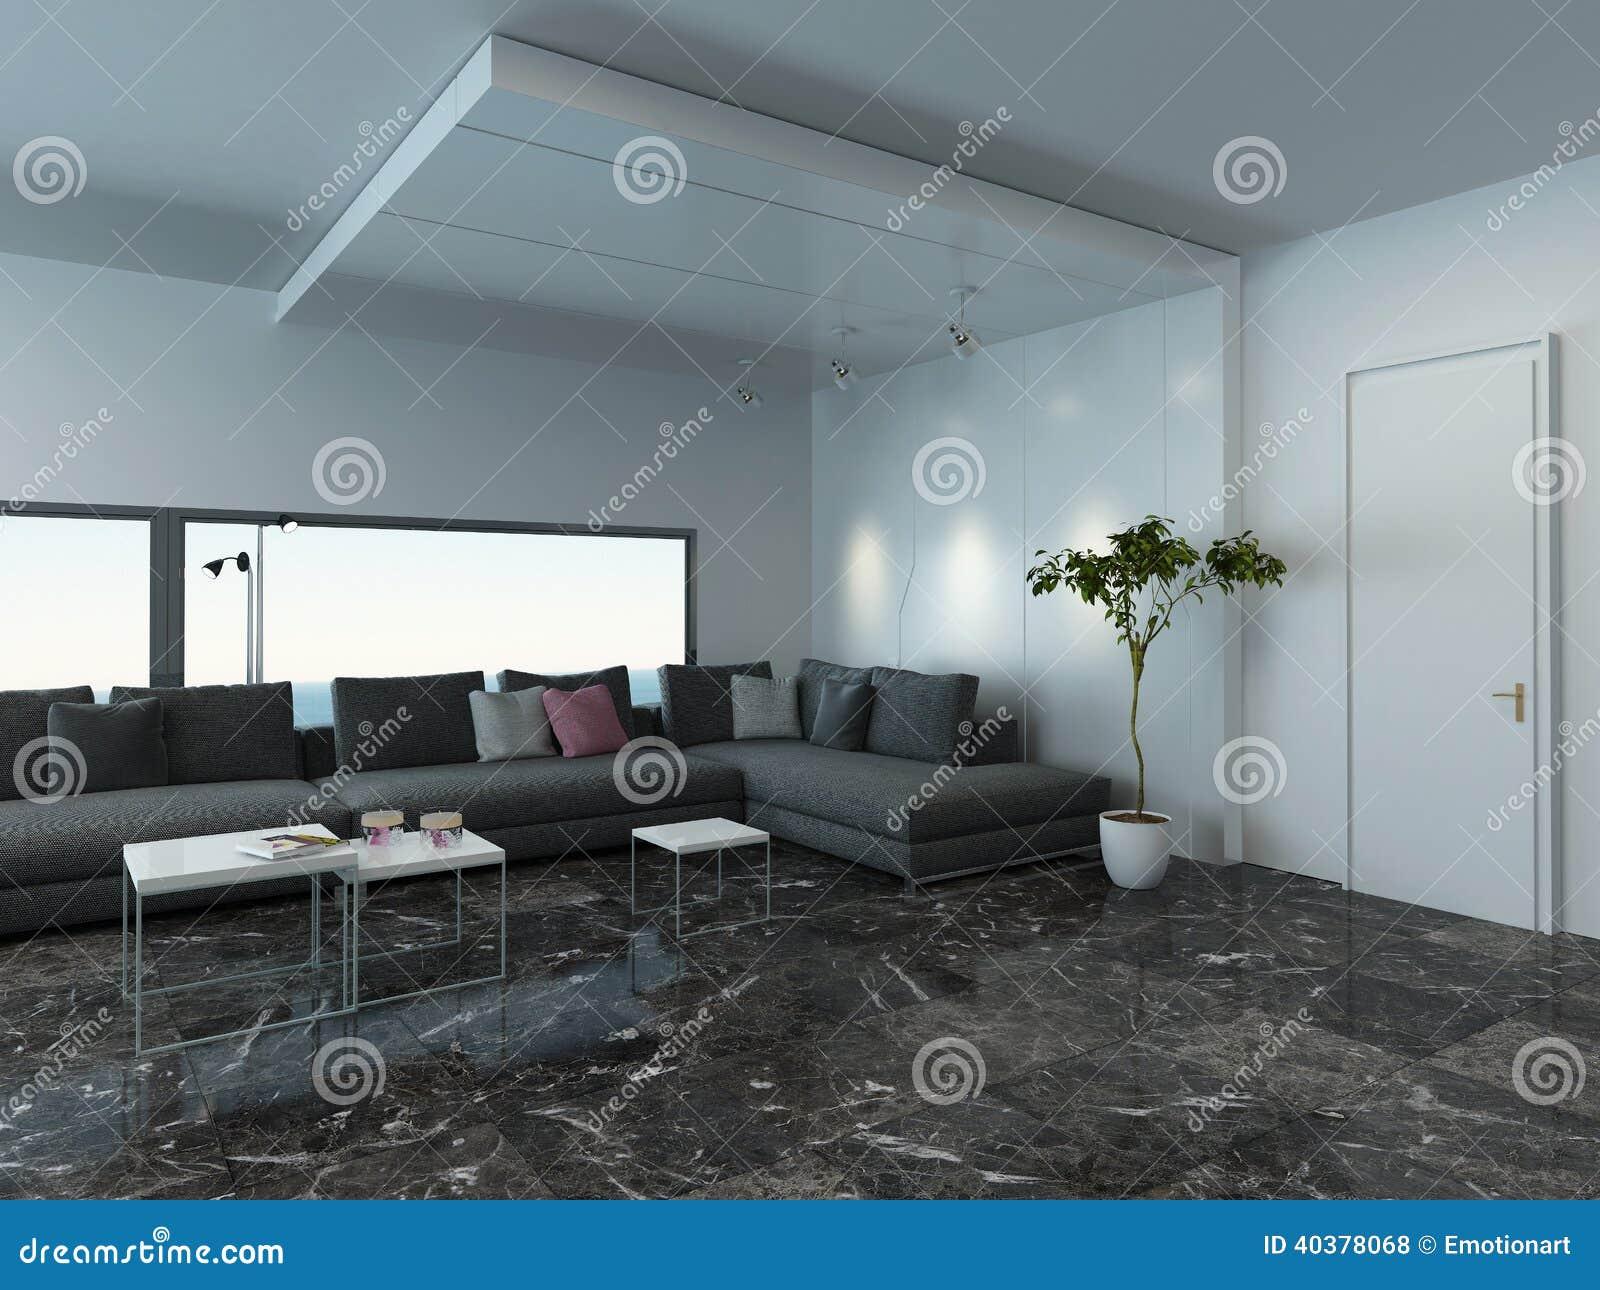 Woonkamer met grijze vloer: woonkamer met grijze houten vloer ...